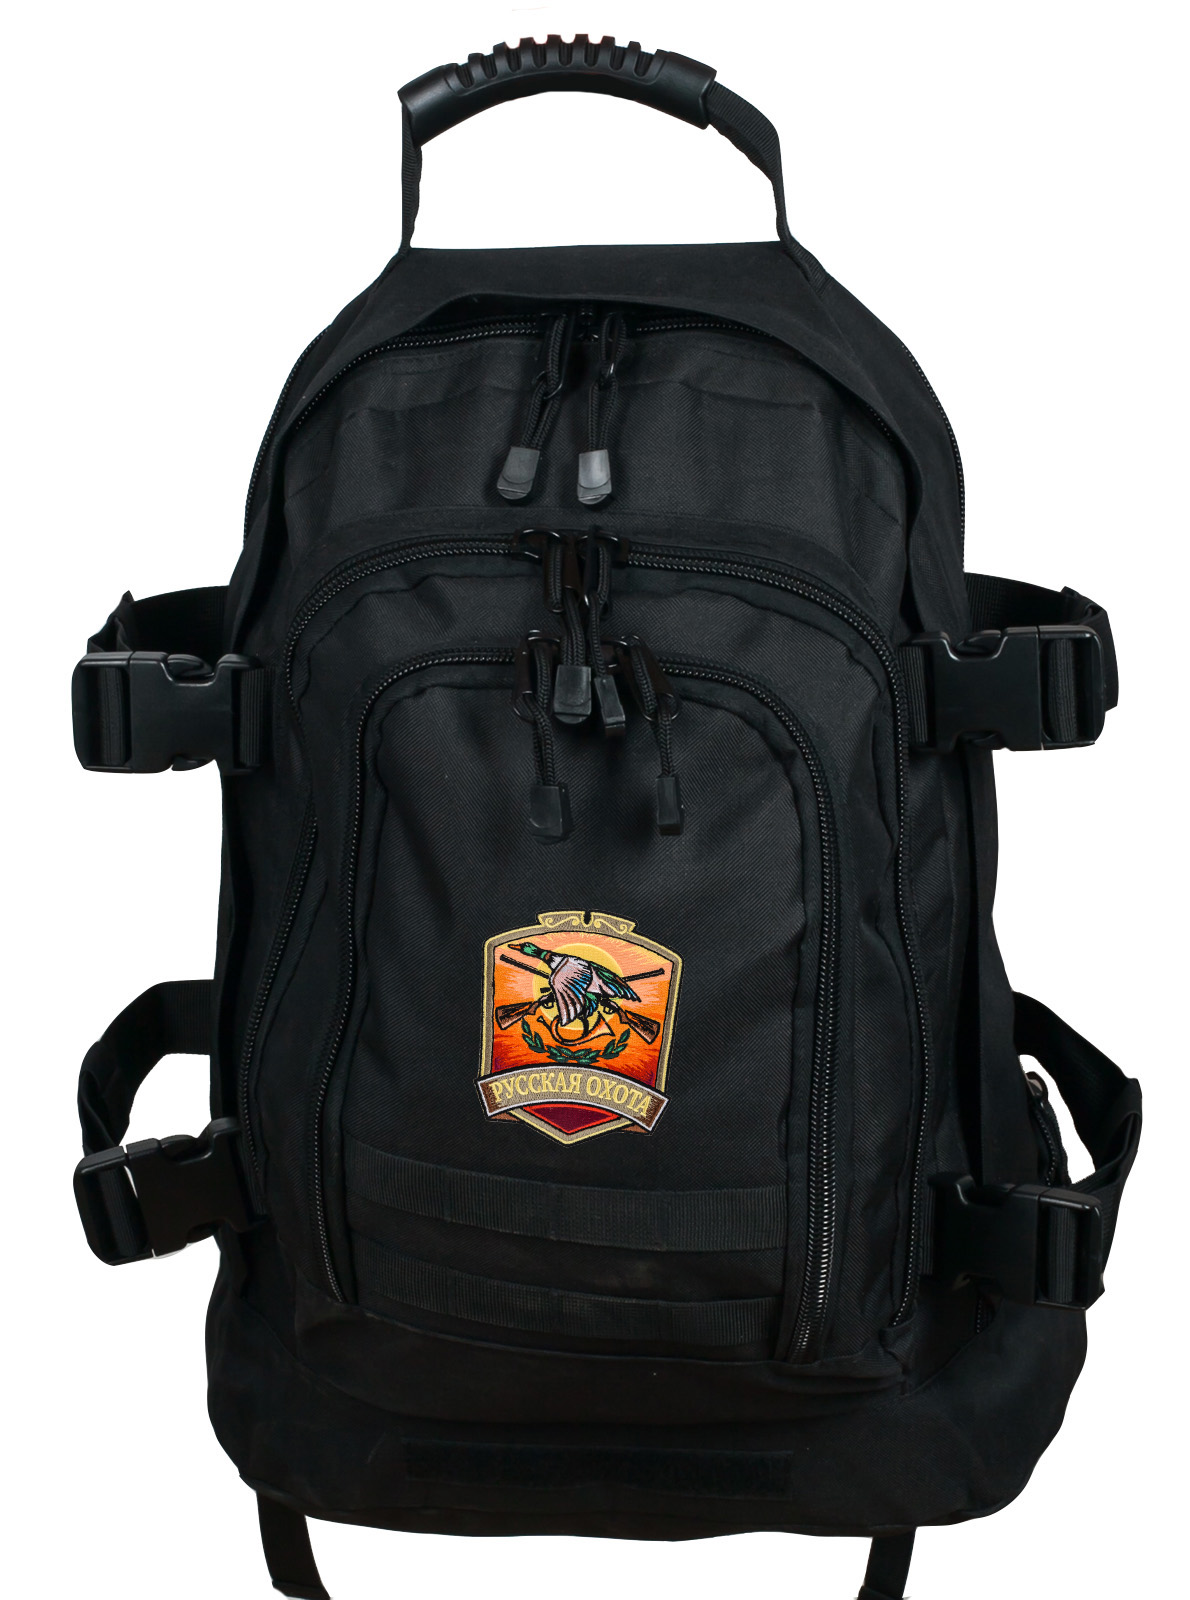 Универсальный охотничий рюкзак с нашивкой Русская Охота - купить с доставкой